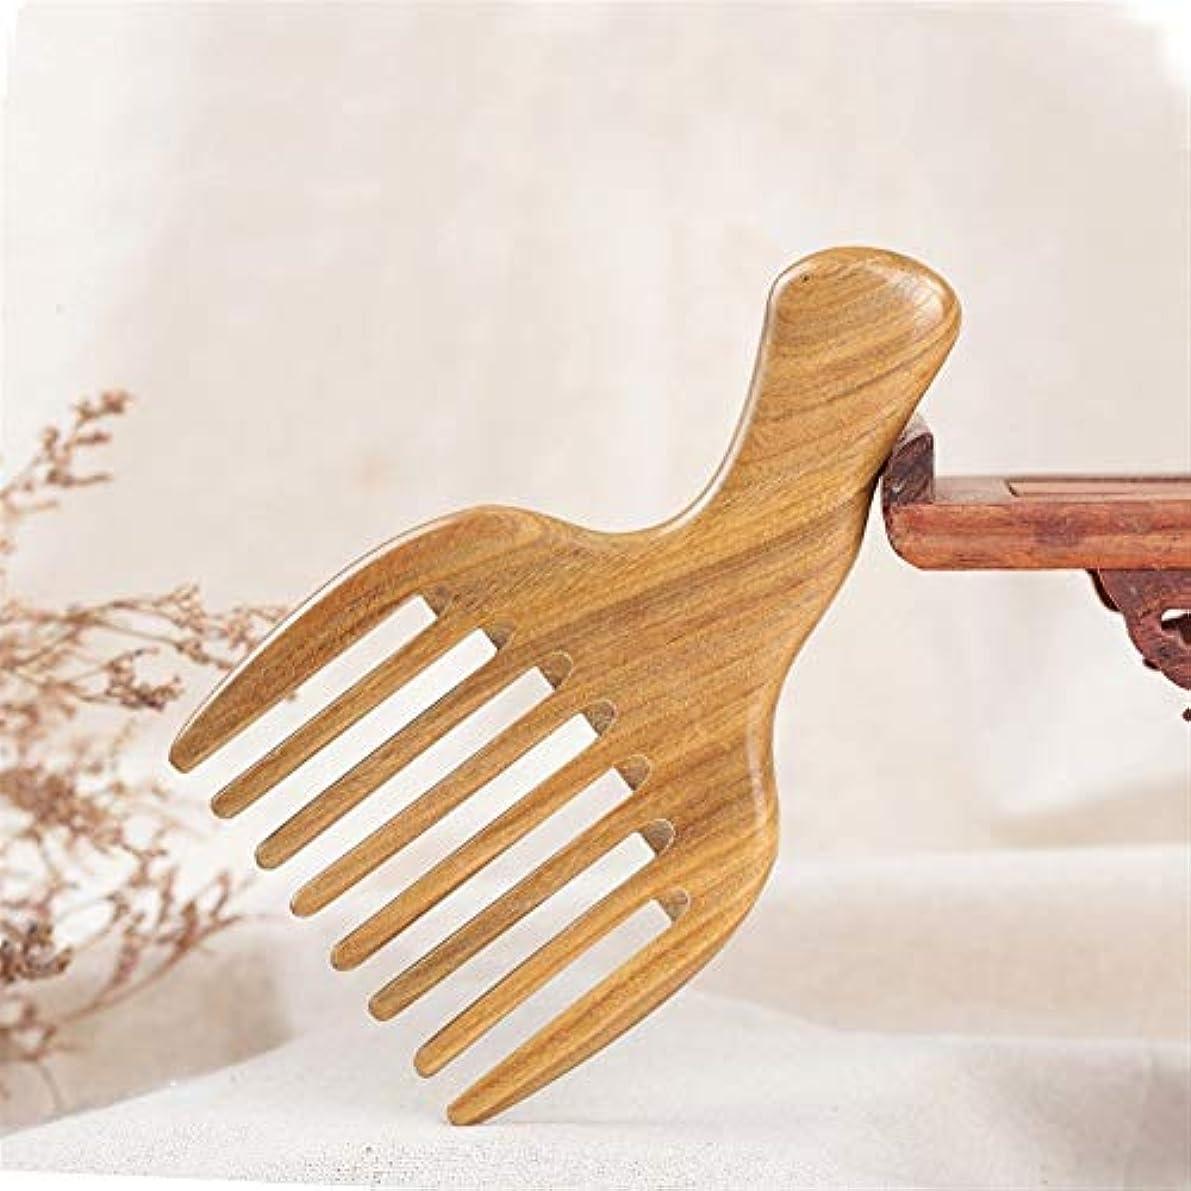 歴史的せがむ開発するGuomao グリーンサンダルウッドコームサンダルウッドコームマッサージコーム (Size : 13.5*7.5 cm)